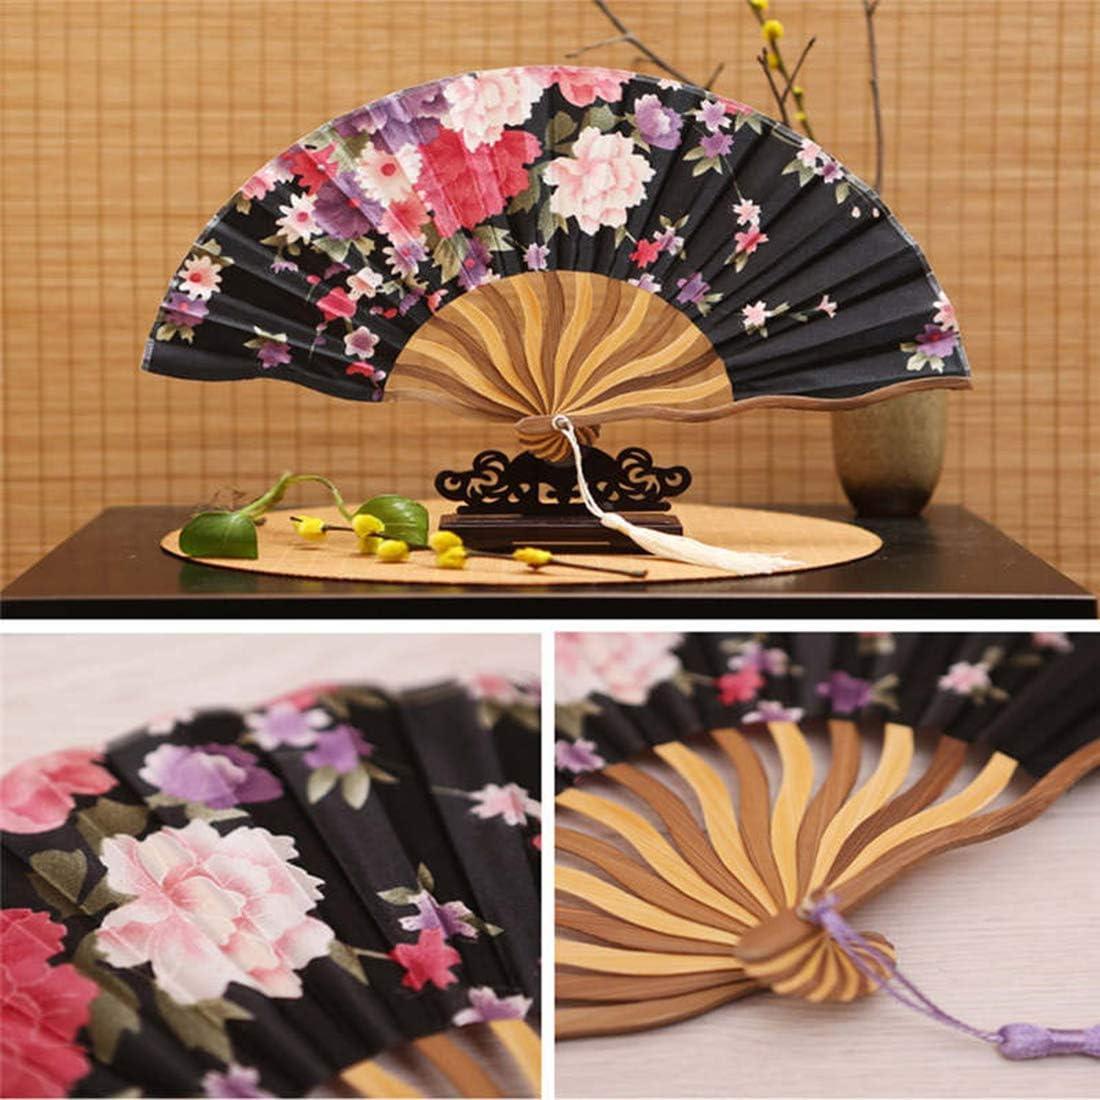 AllRing Handfächer Faltfächer Seide Bambus Faltfächer Blumendruck Ventilatoren Handventilator für Hochzeitsgeschenk Party Gefälligkeiten Sommer kühl (Stil 1) Stil 8